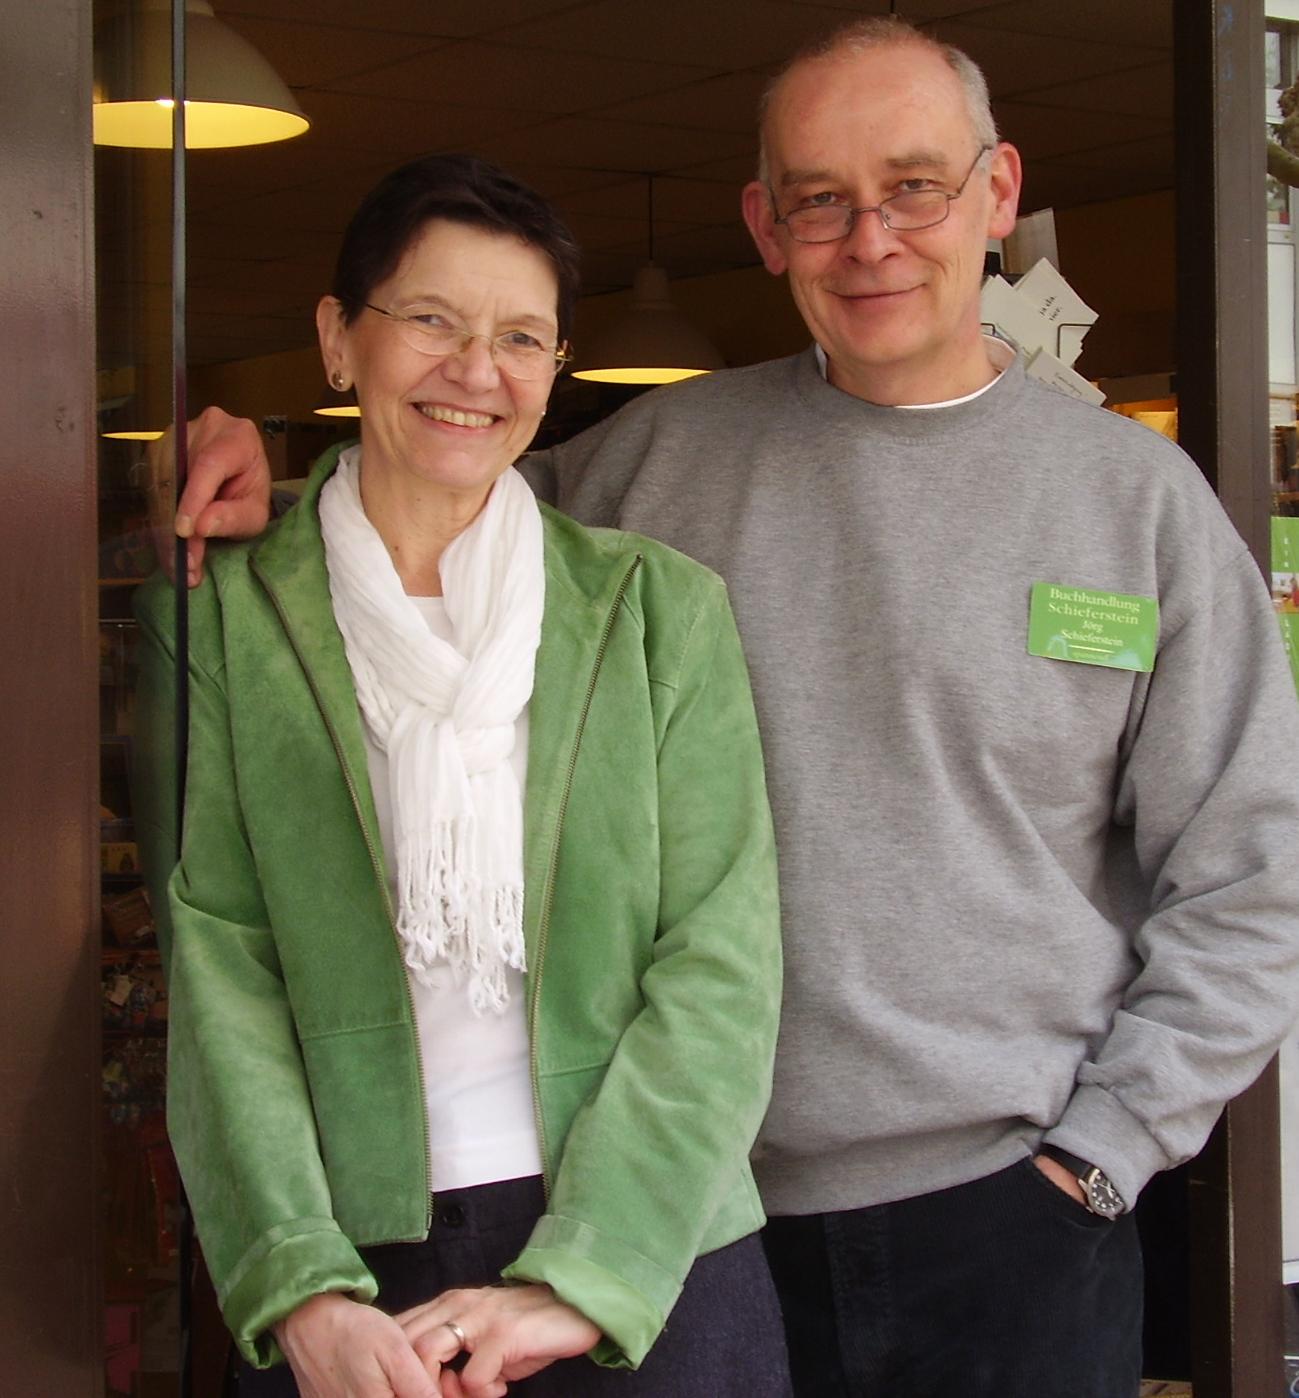 Ute und Jörg Schieferstein im Bild